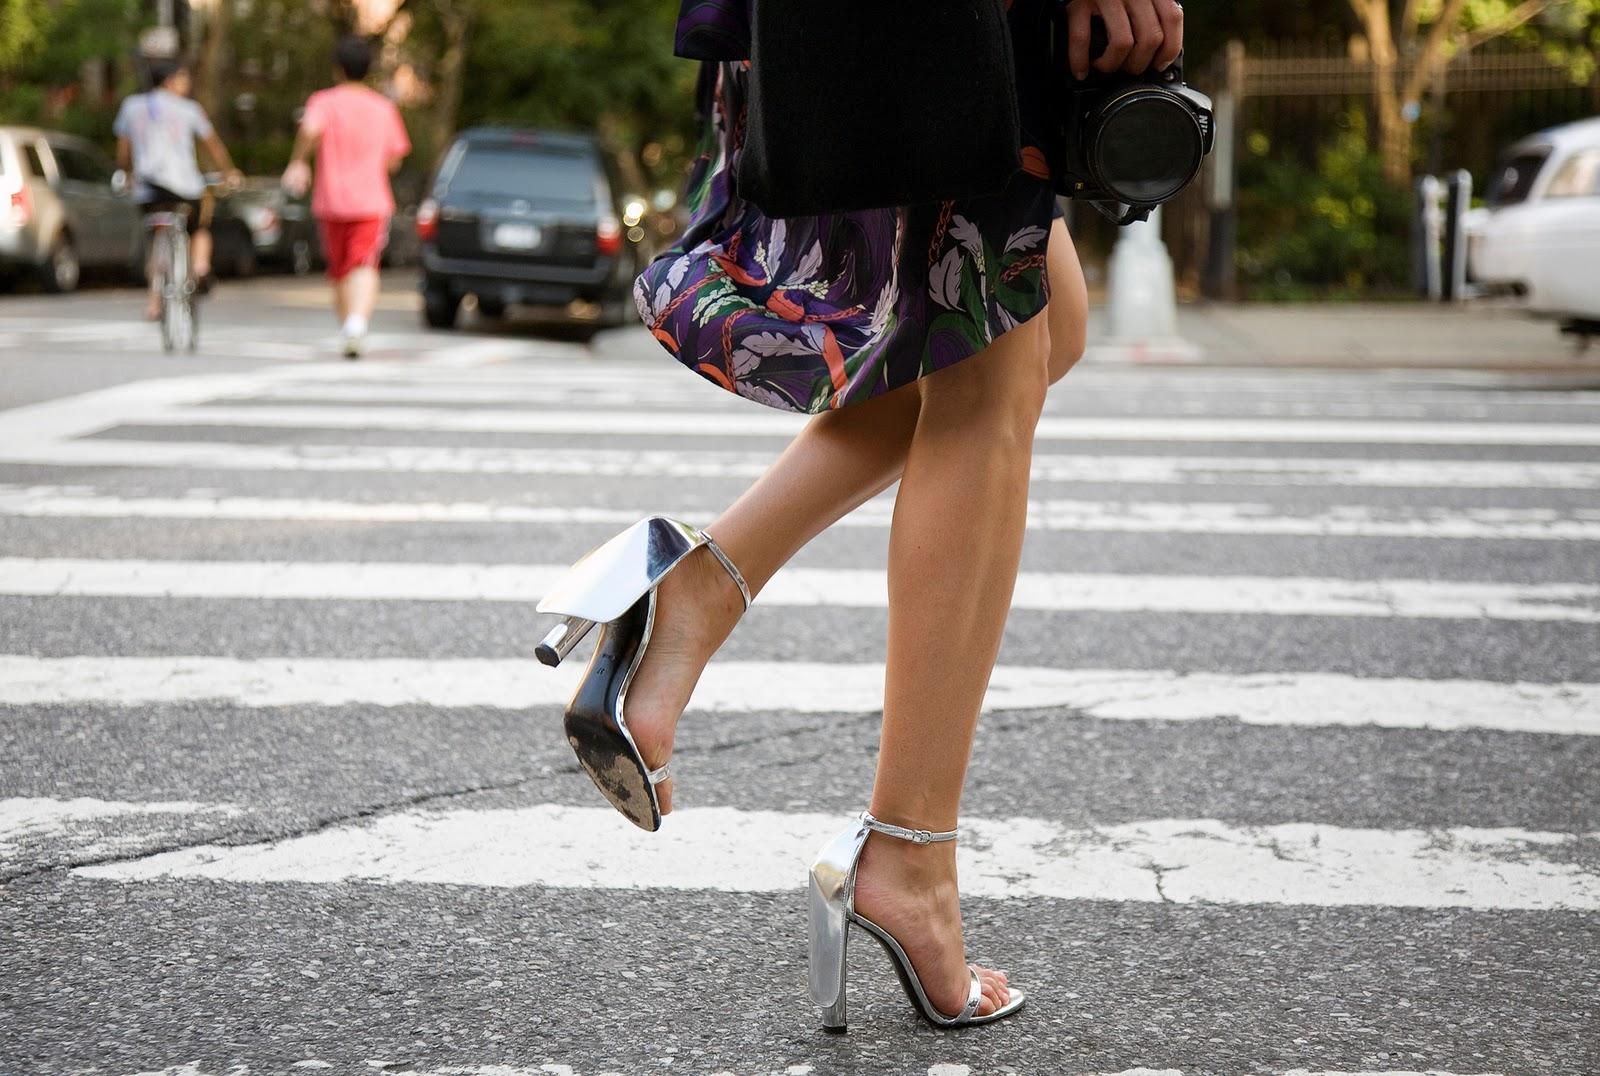 Melania S Shoe Flap